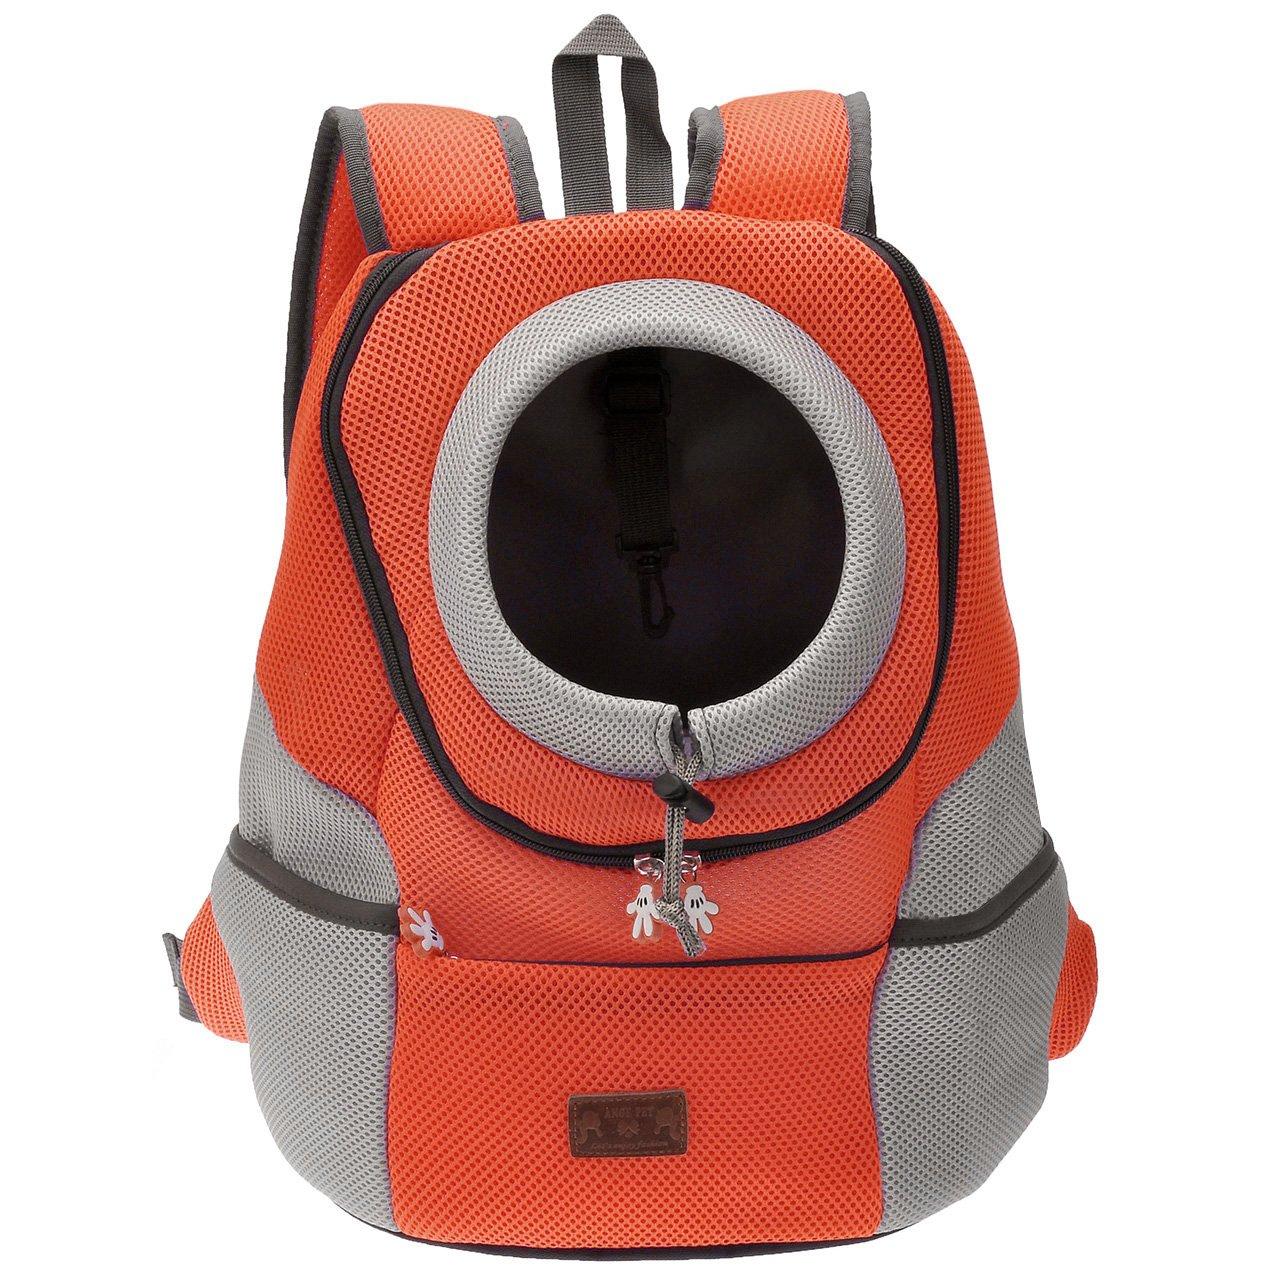 Mogoko Sac à Dos Sac de Transport Voyage pour Chien Chat Animeaux - Extérieur Léger Pratique Solide Durable Sécuritaire Confortable - Orange L